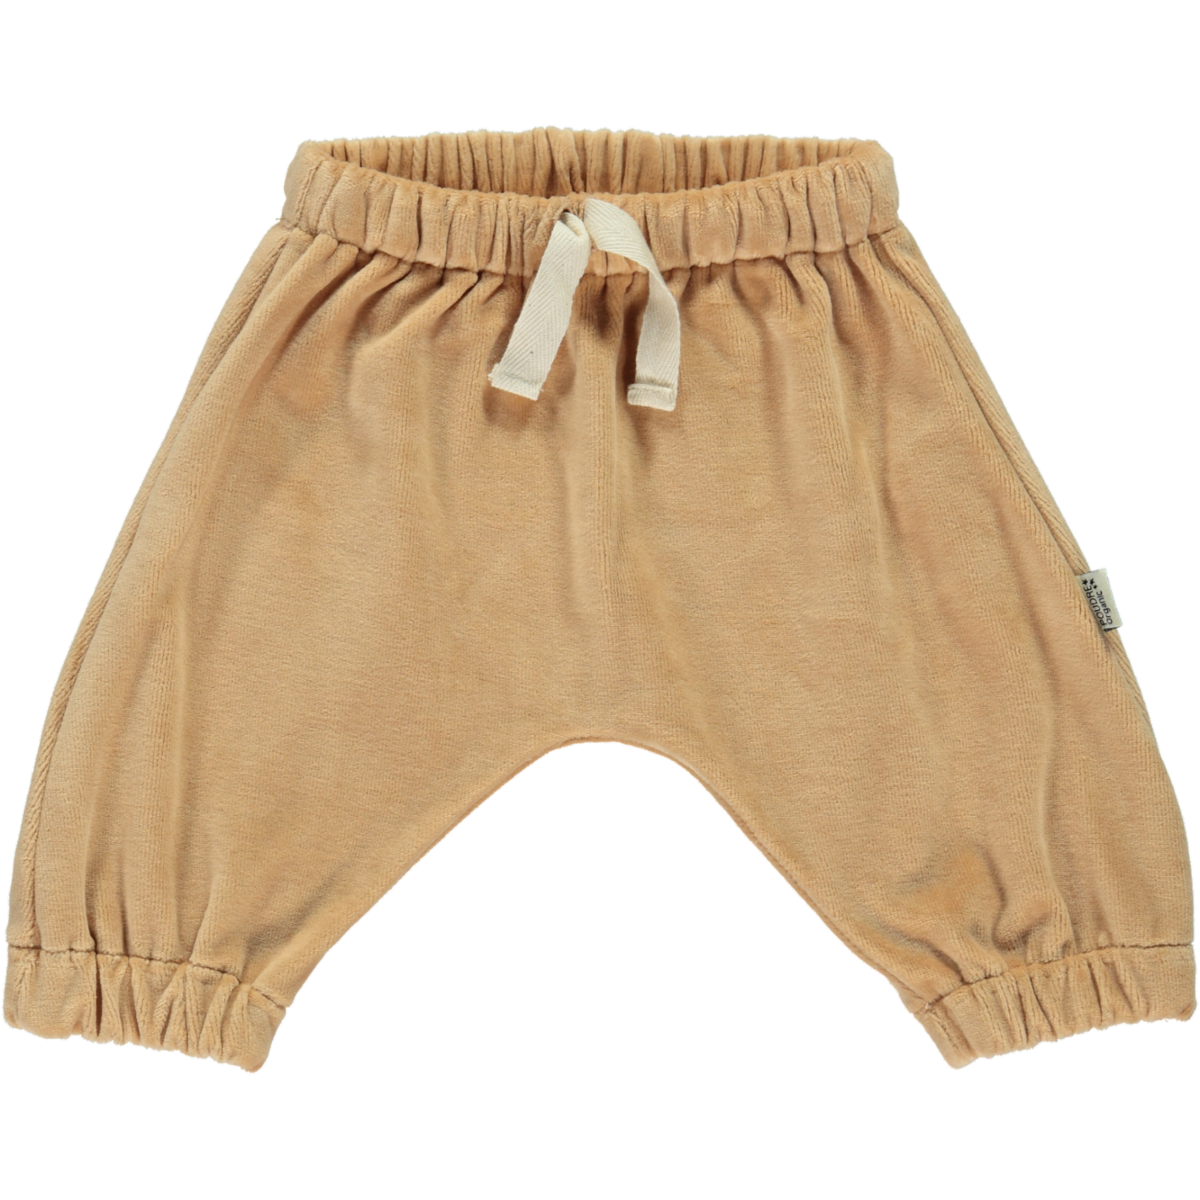 Pantalón Cannelle, terciopelo Indian Tan